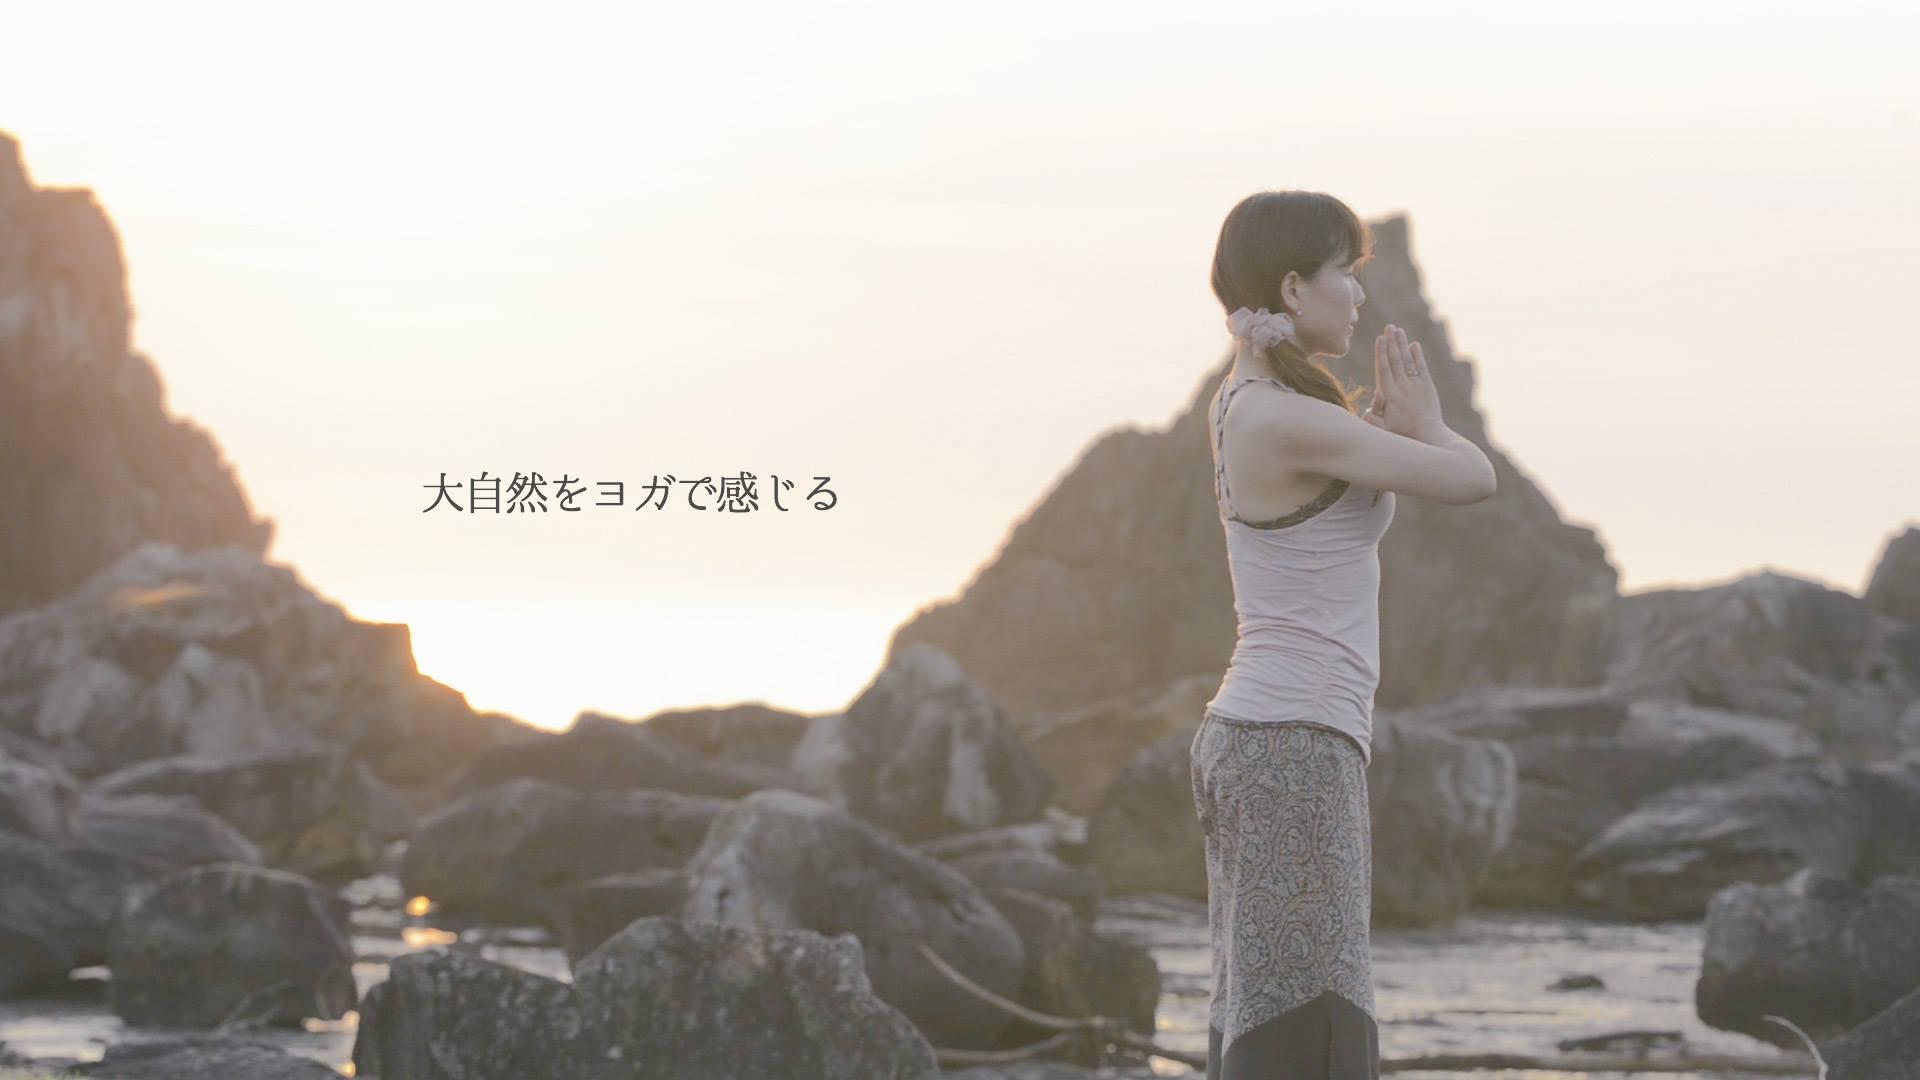 五感解放ヨガDVD